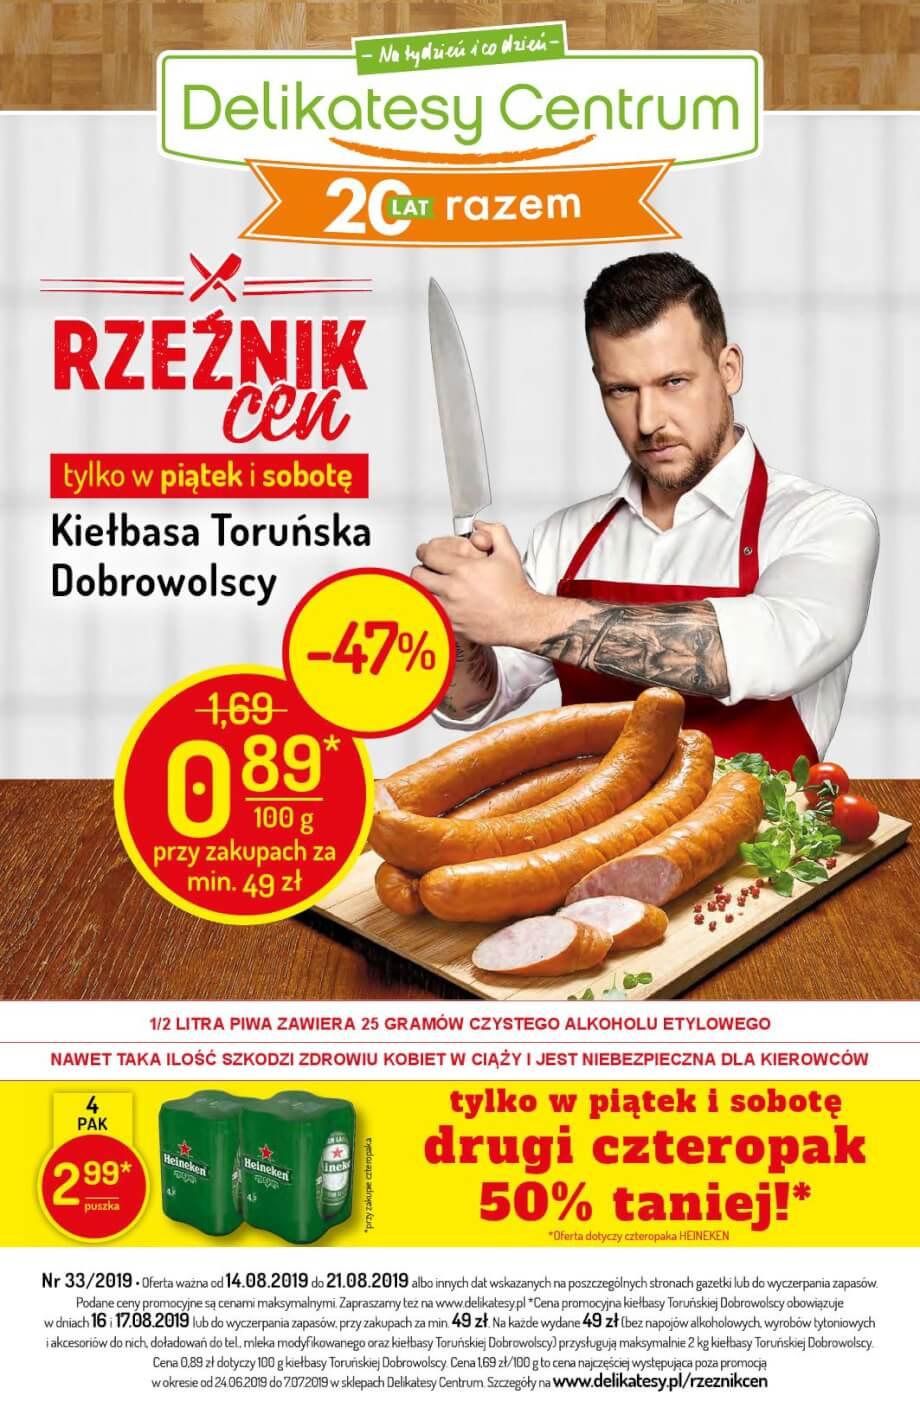 Delikatesy Centrum, gazetka do 21.08.2019  s1